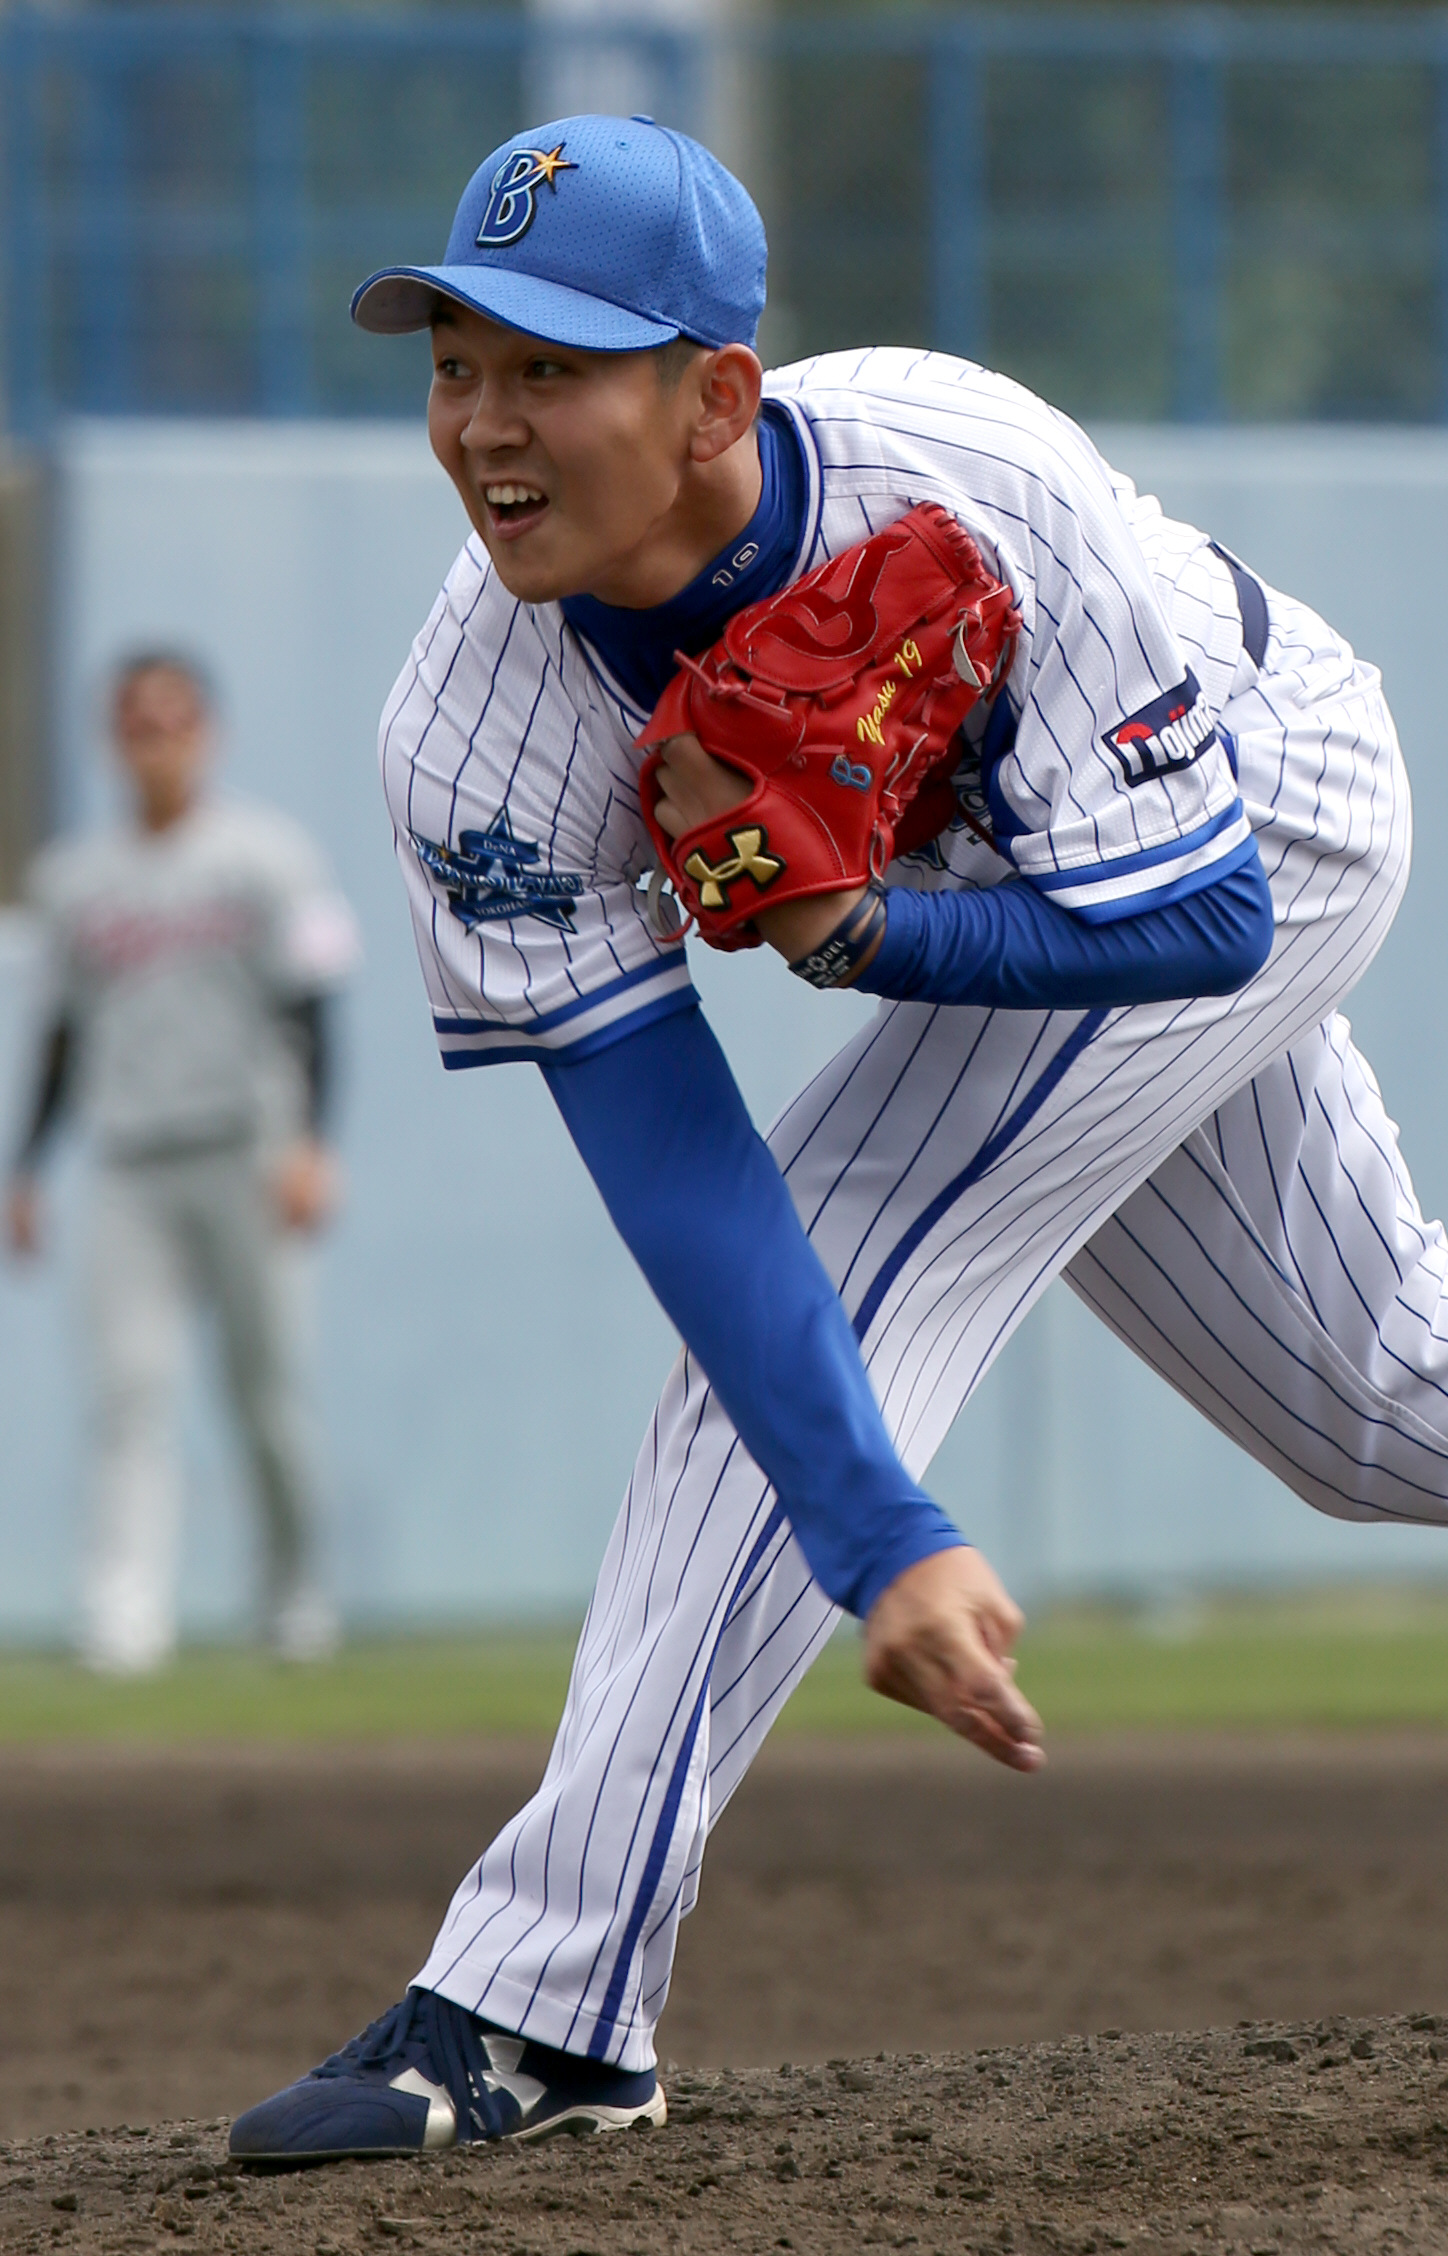 《『野球太郎』バックナンバーで答え合わせ》2014年の「ドラフト特集」の山﨑康晃評は大正解!?